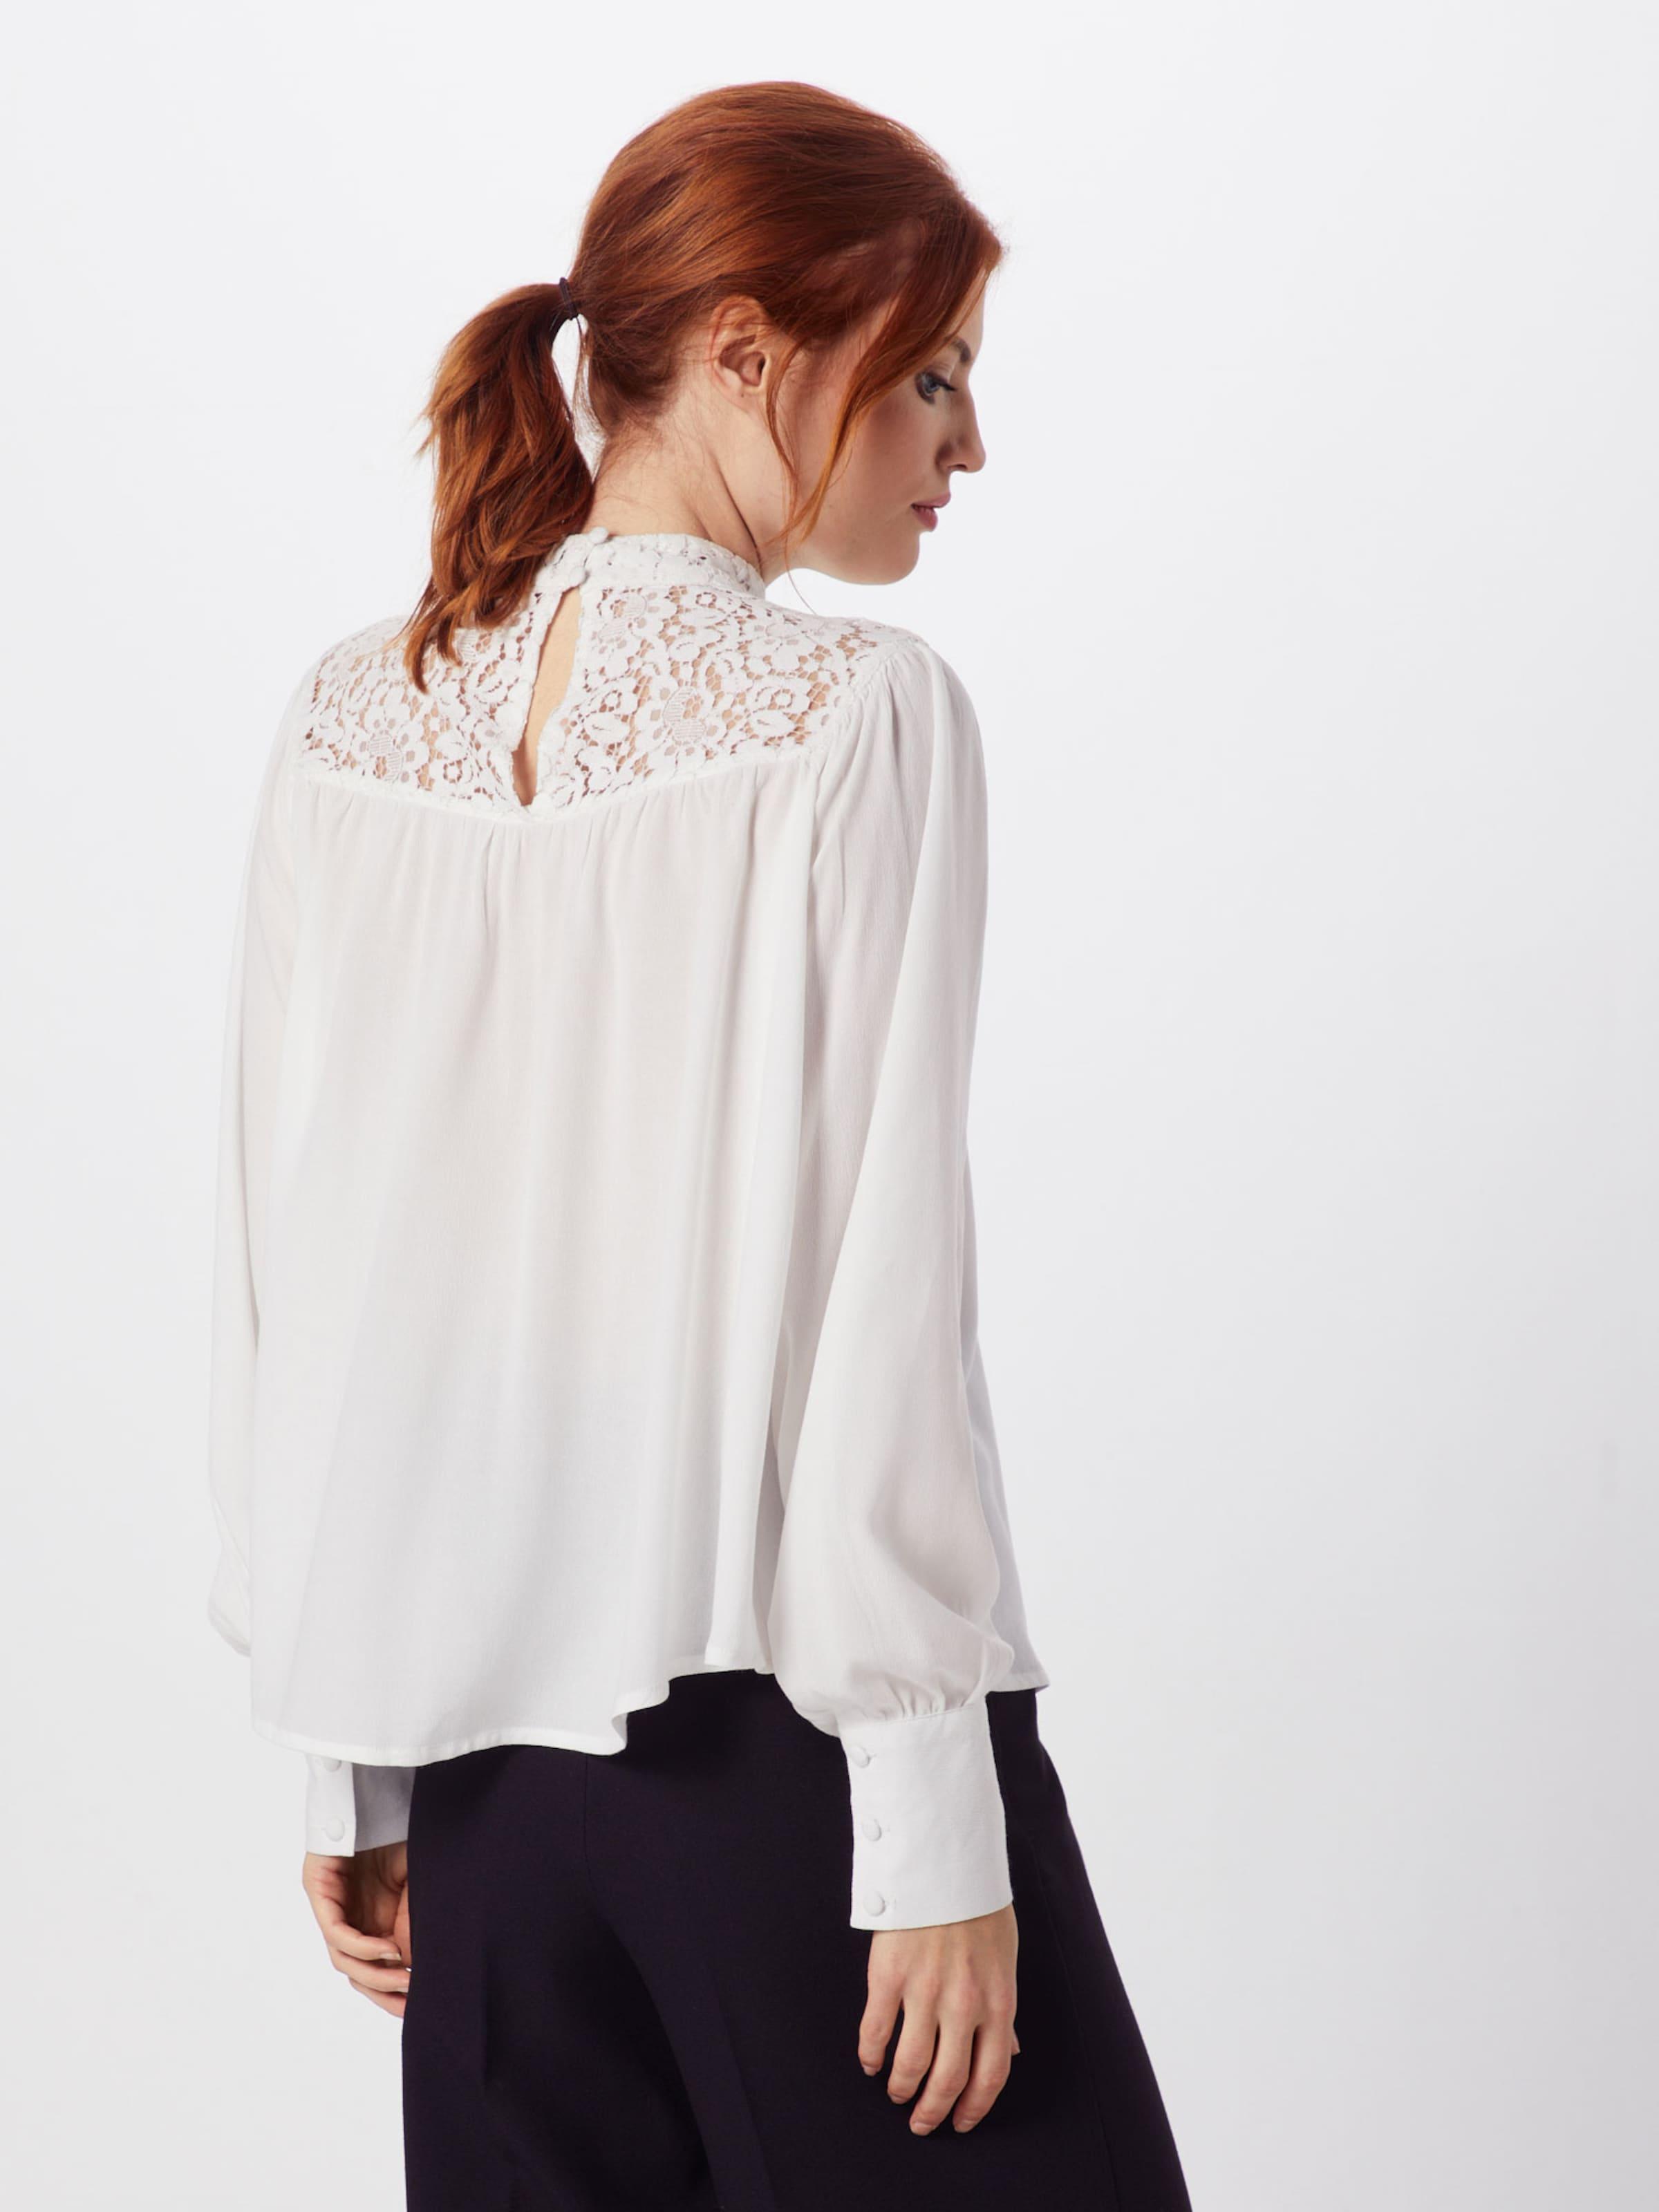 Weiß Minkpink Bluse 'camilla' Weiß 'camilla' In 'camilla' In Minkpink Bluse In Minkpink Bluse 2e9IWEDHY